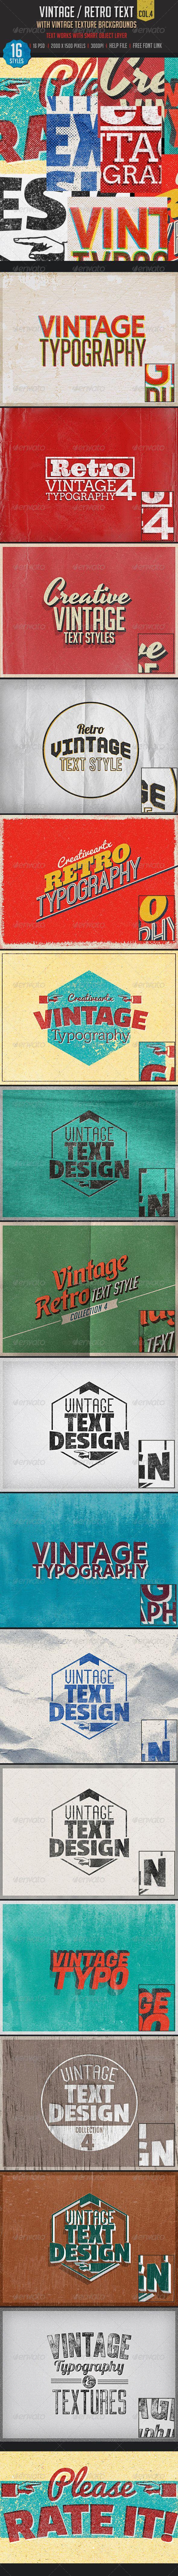 Vintage/Retro Text Col 4